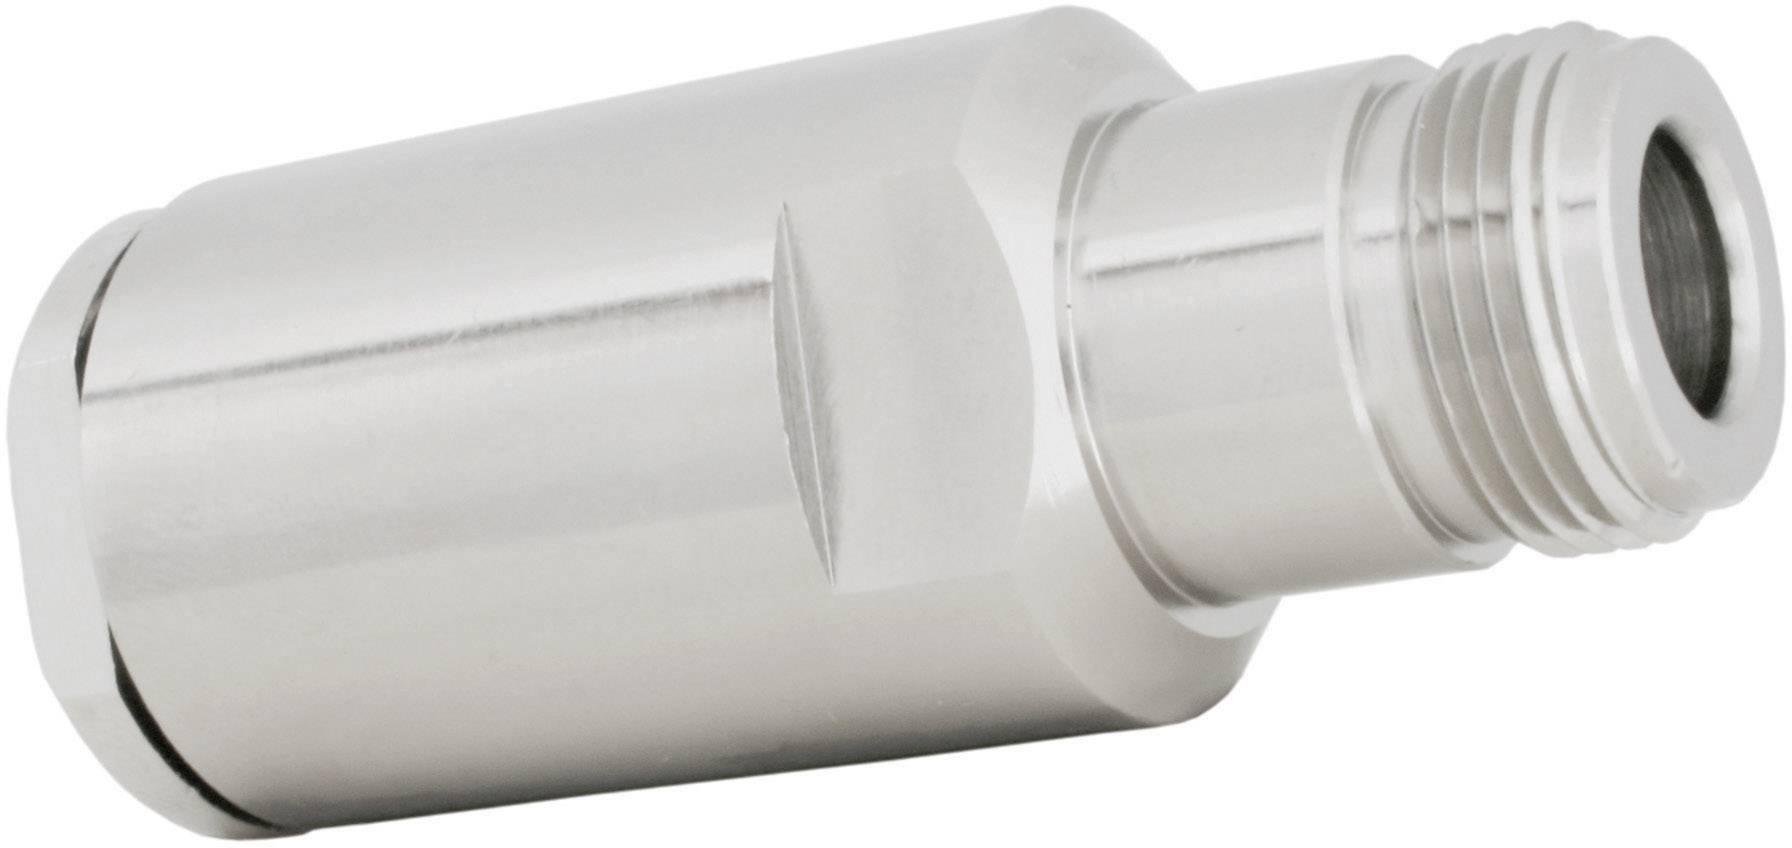 Konektor N SSB Ecoflex15 Plus (7397), 50 Ω, zásuvka rovná